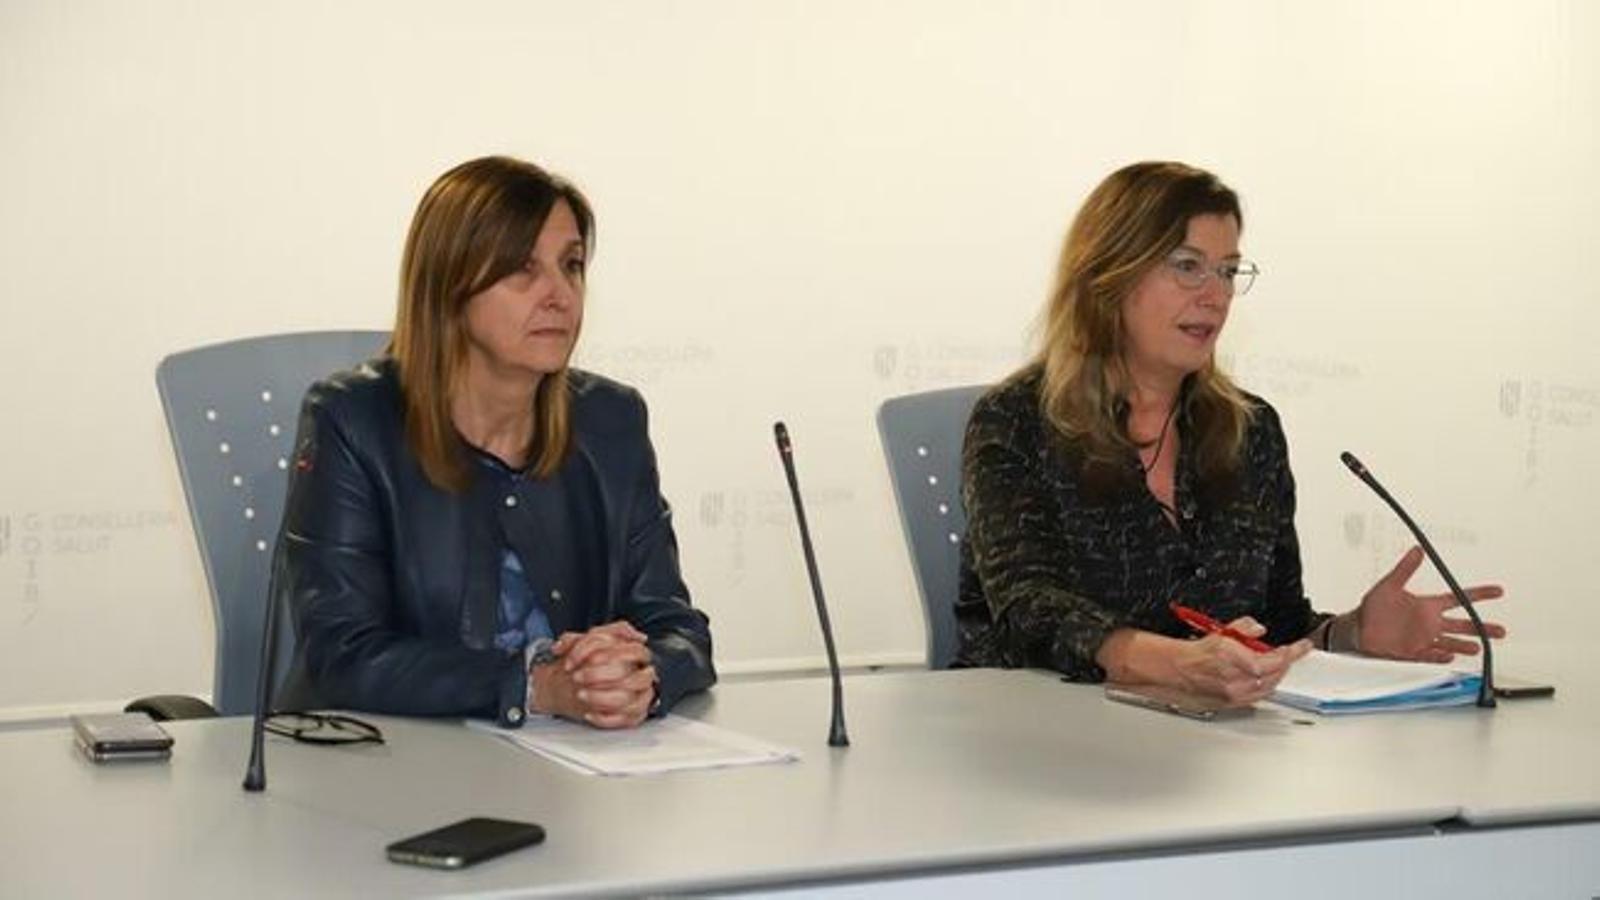 La consellera de Salut, Patrícia Gómez, i la directora de Salut, Maria Antònia Font. / ISMAEL VELÁZQUEZ